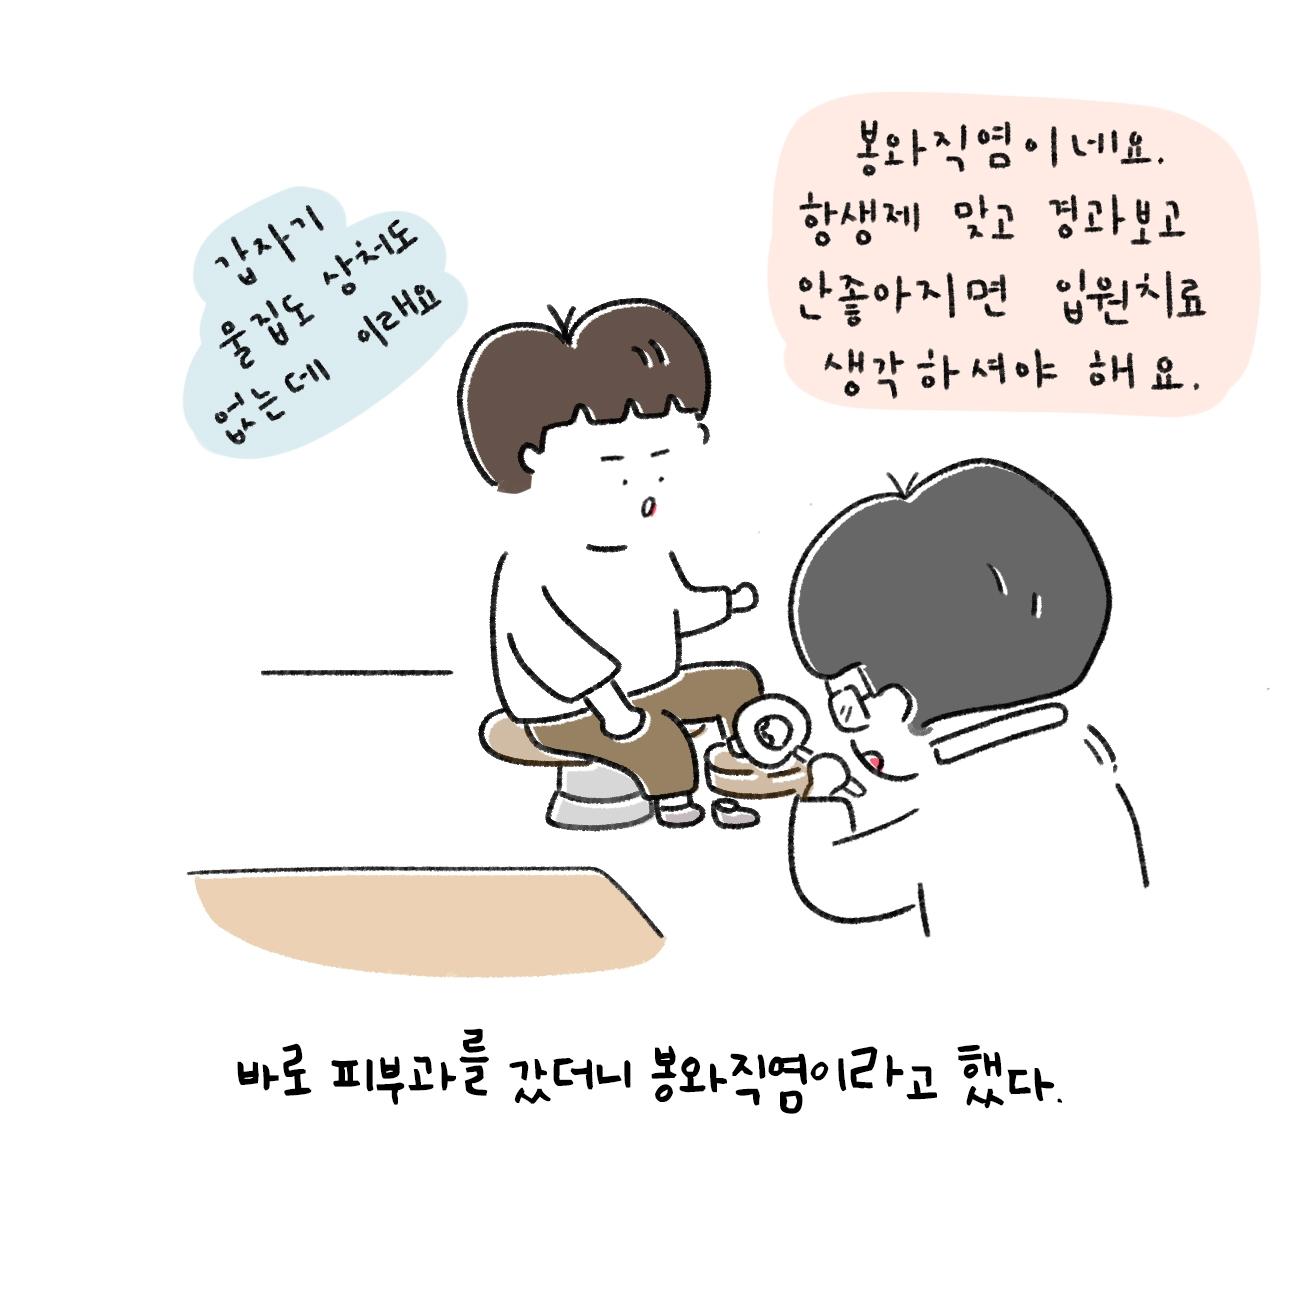 #59. 봉와직염과 항생제 - < 윤공룡 그림일기 >